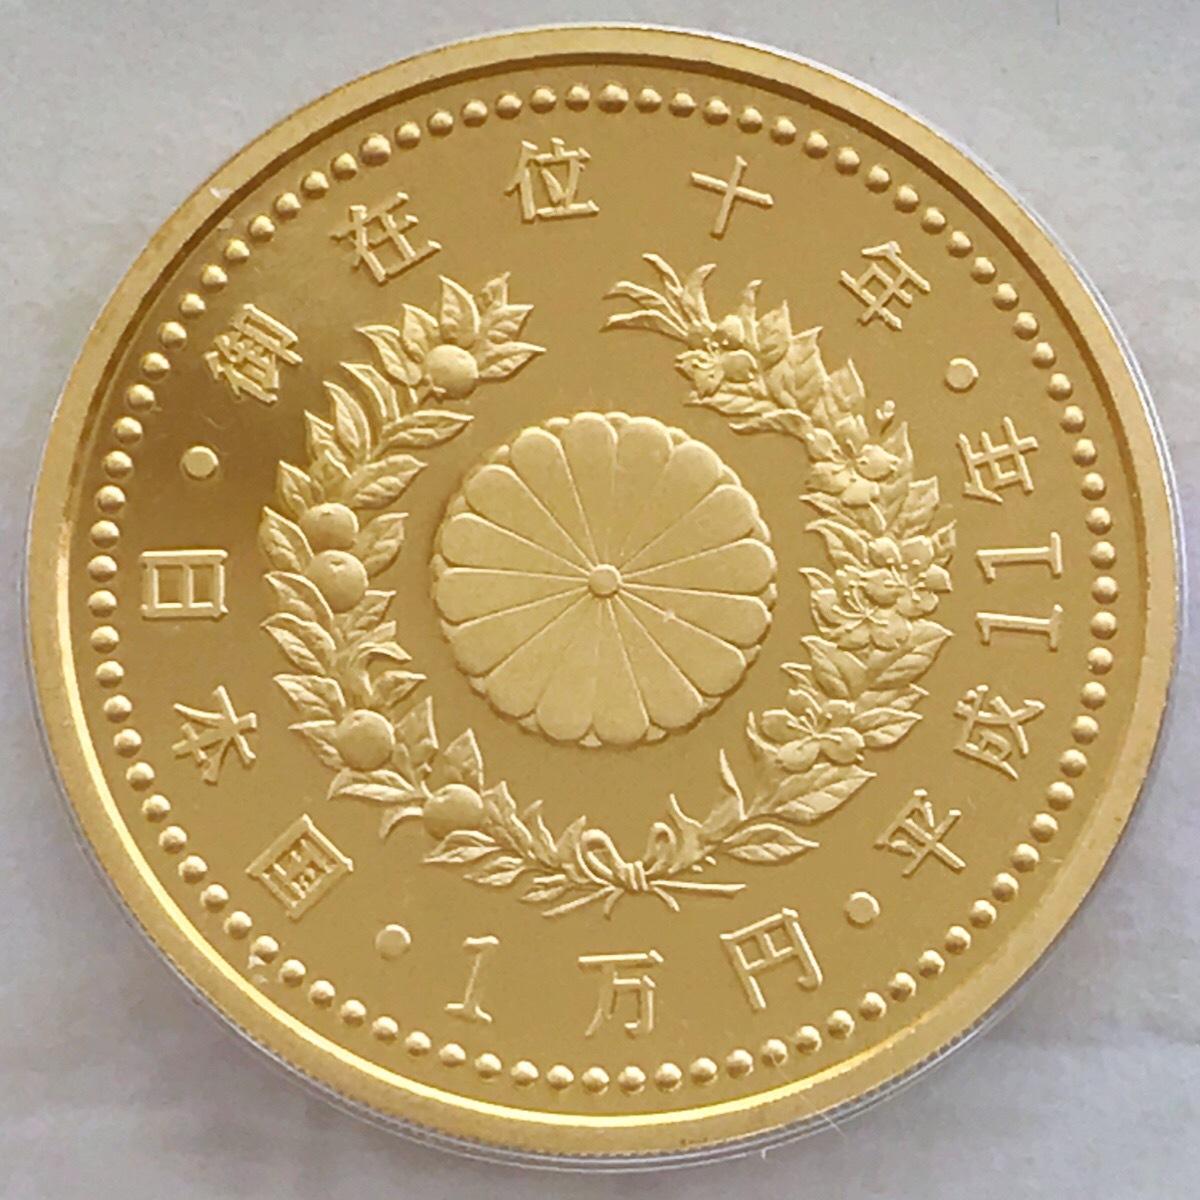 天皇陛下御在位10年記念 ◆ 1万円金貨 500円白銅貨 ◆ プルーフ 貨幣セット ◆ 平成11年 箱・ケース付き K24 純金 _画像6